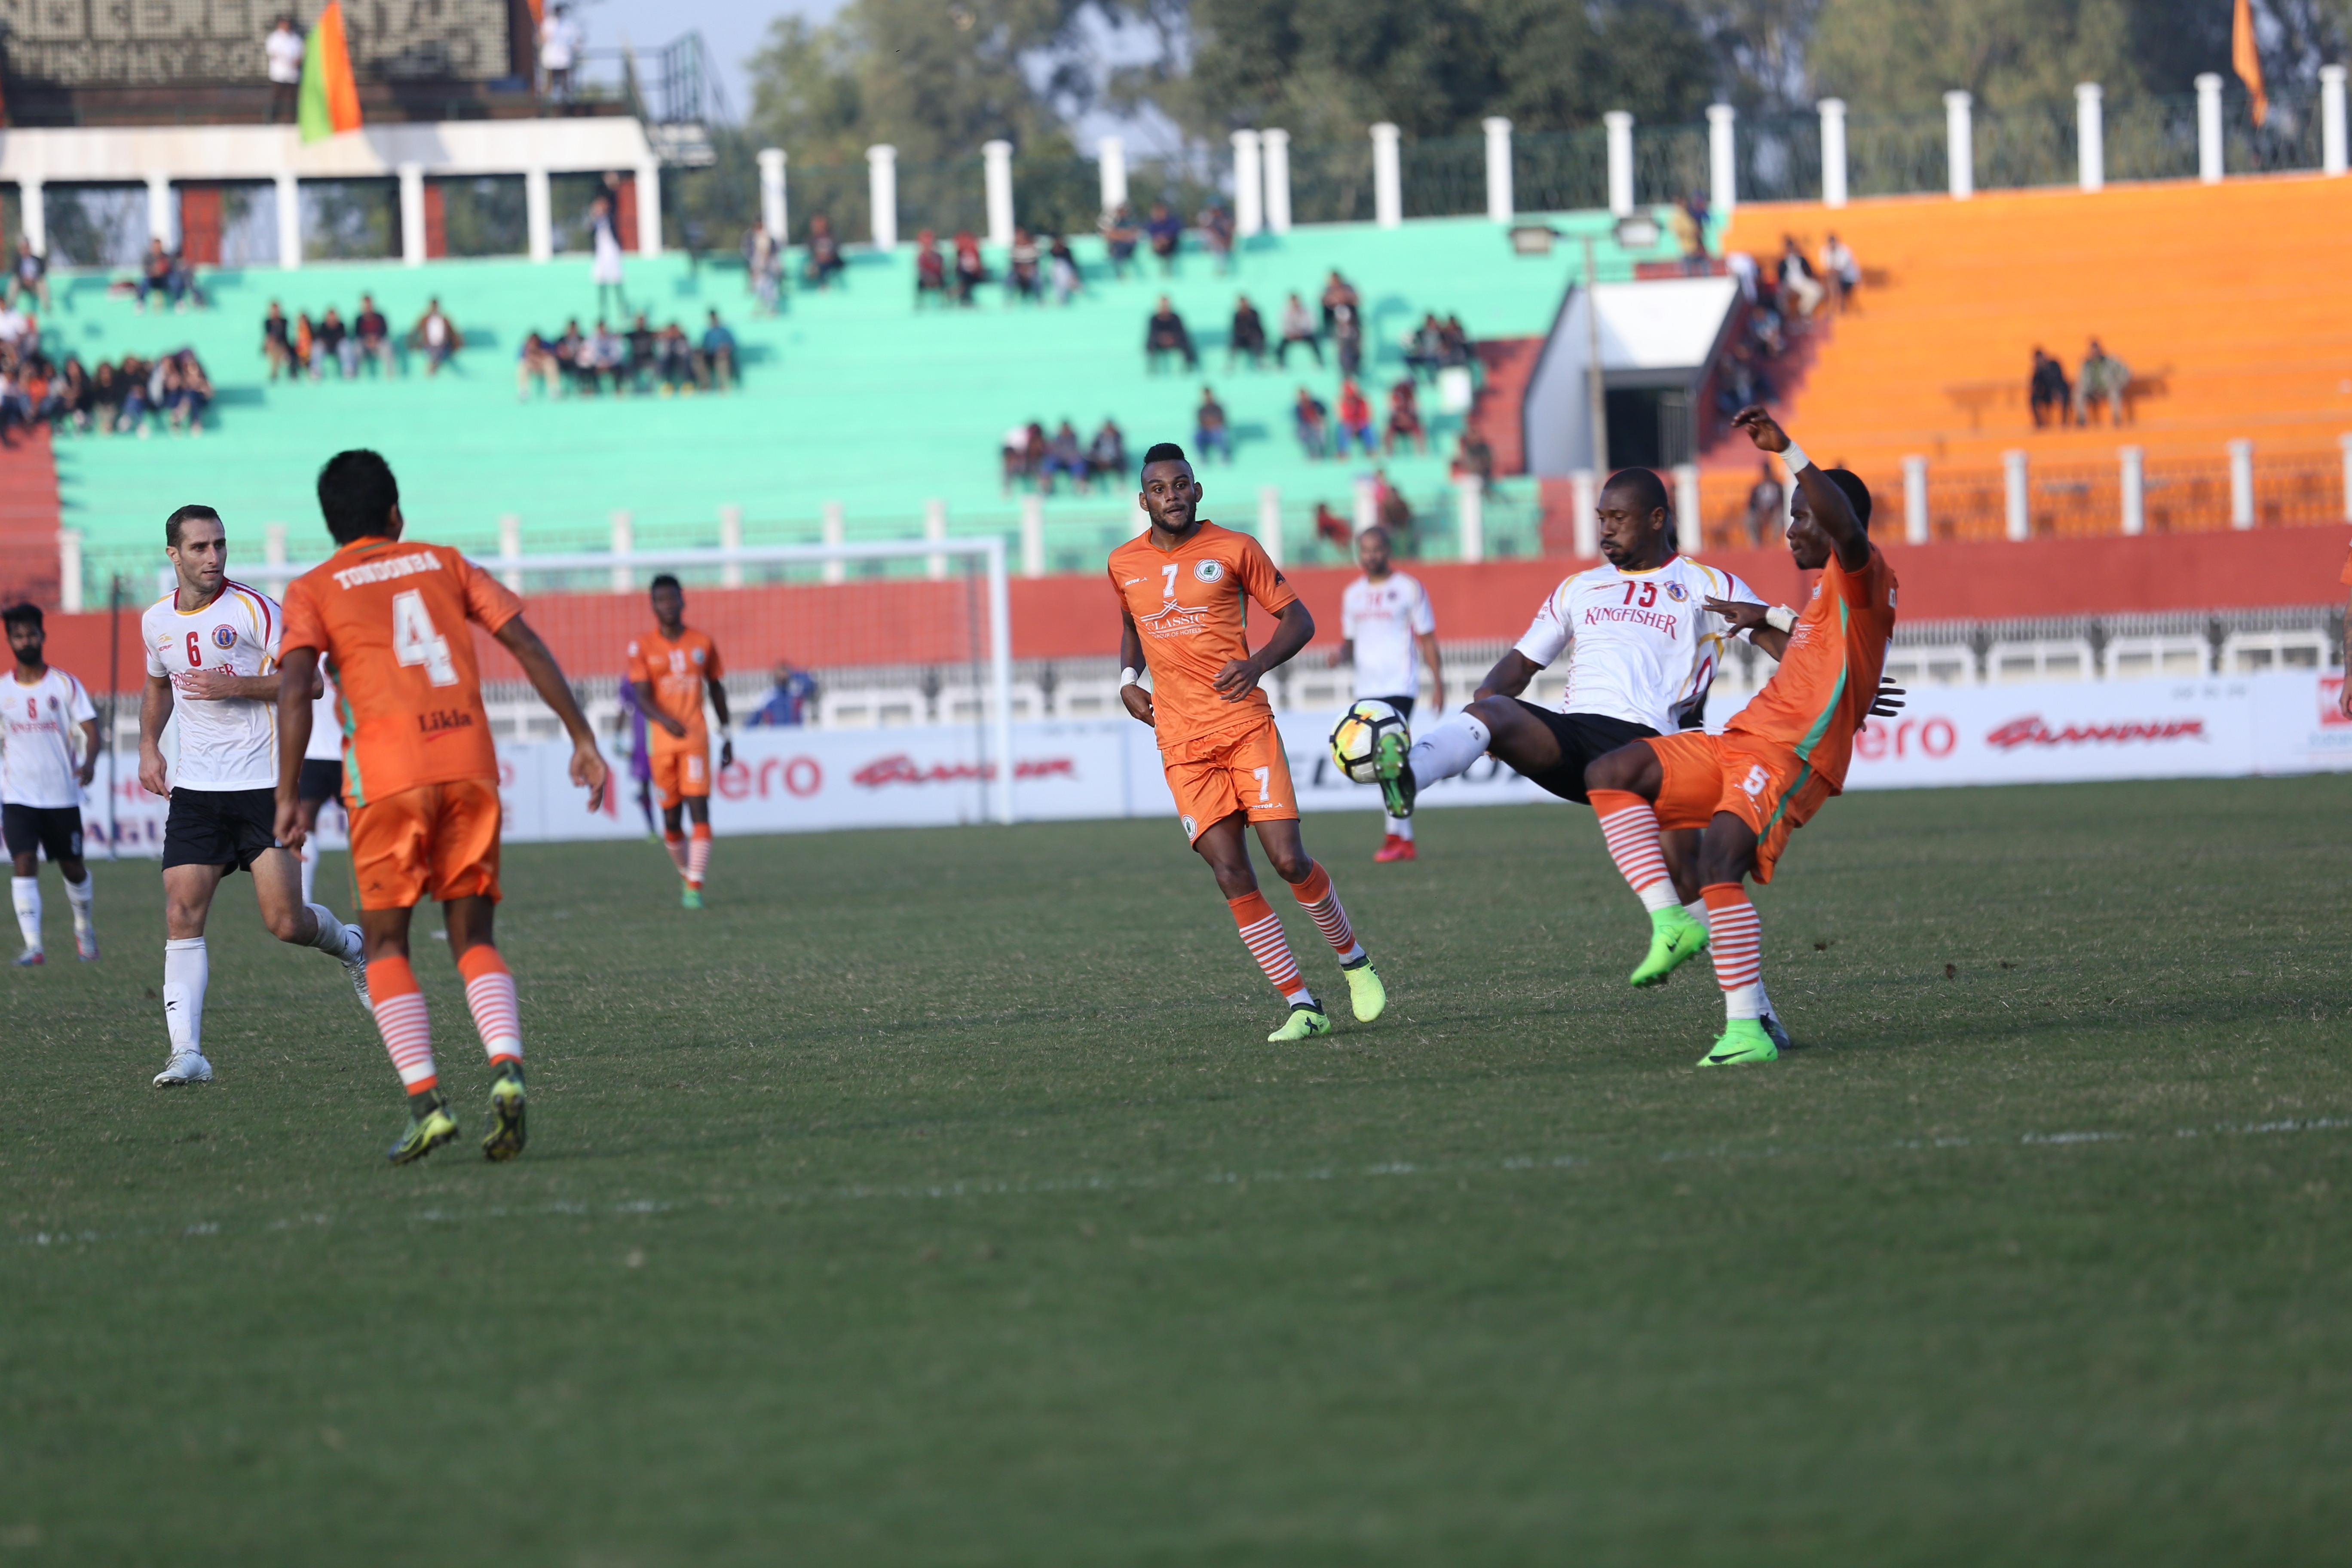 NEROCA FC East Bengal 2017/18 I-League